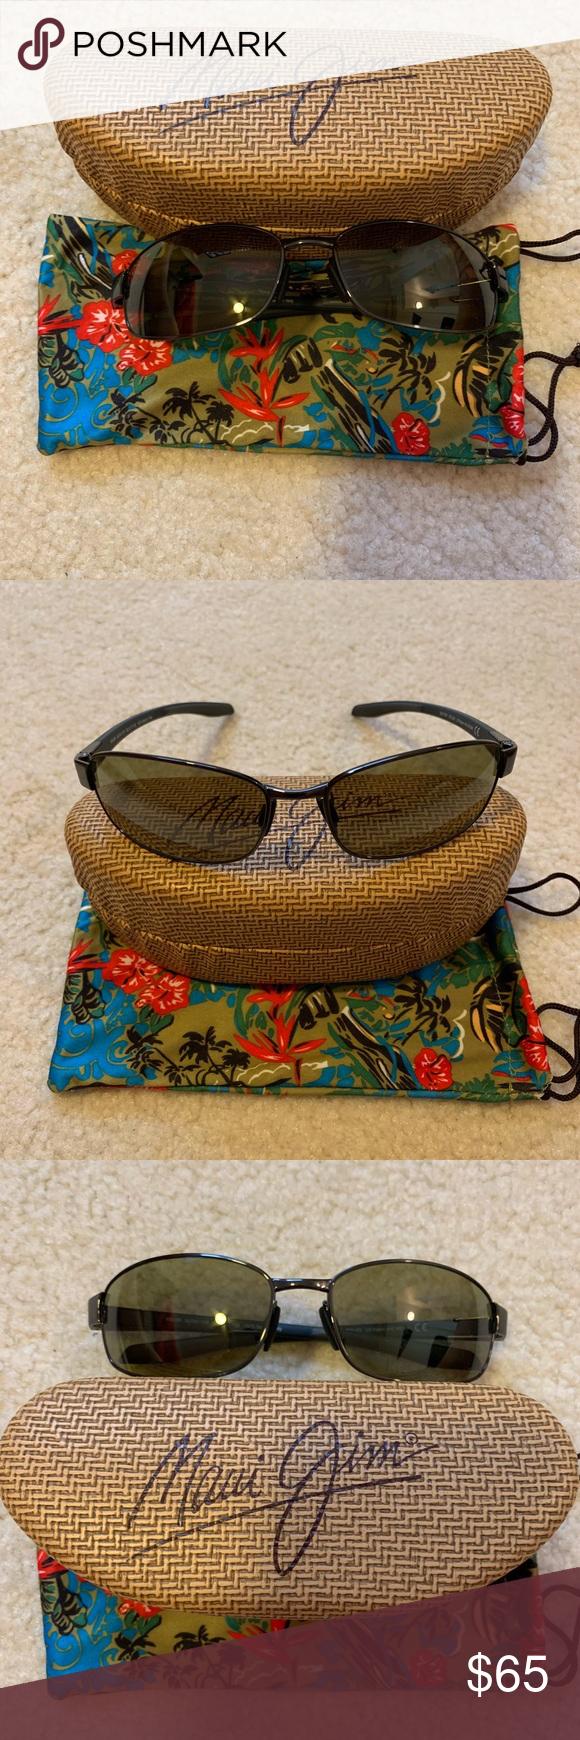 Maui Jim Warranty >> Maui Jim Salt Air Sunglasses New Maui Jim Unisex Salt Air